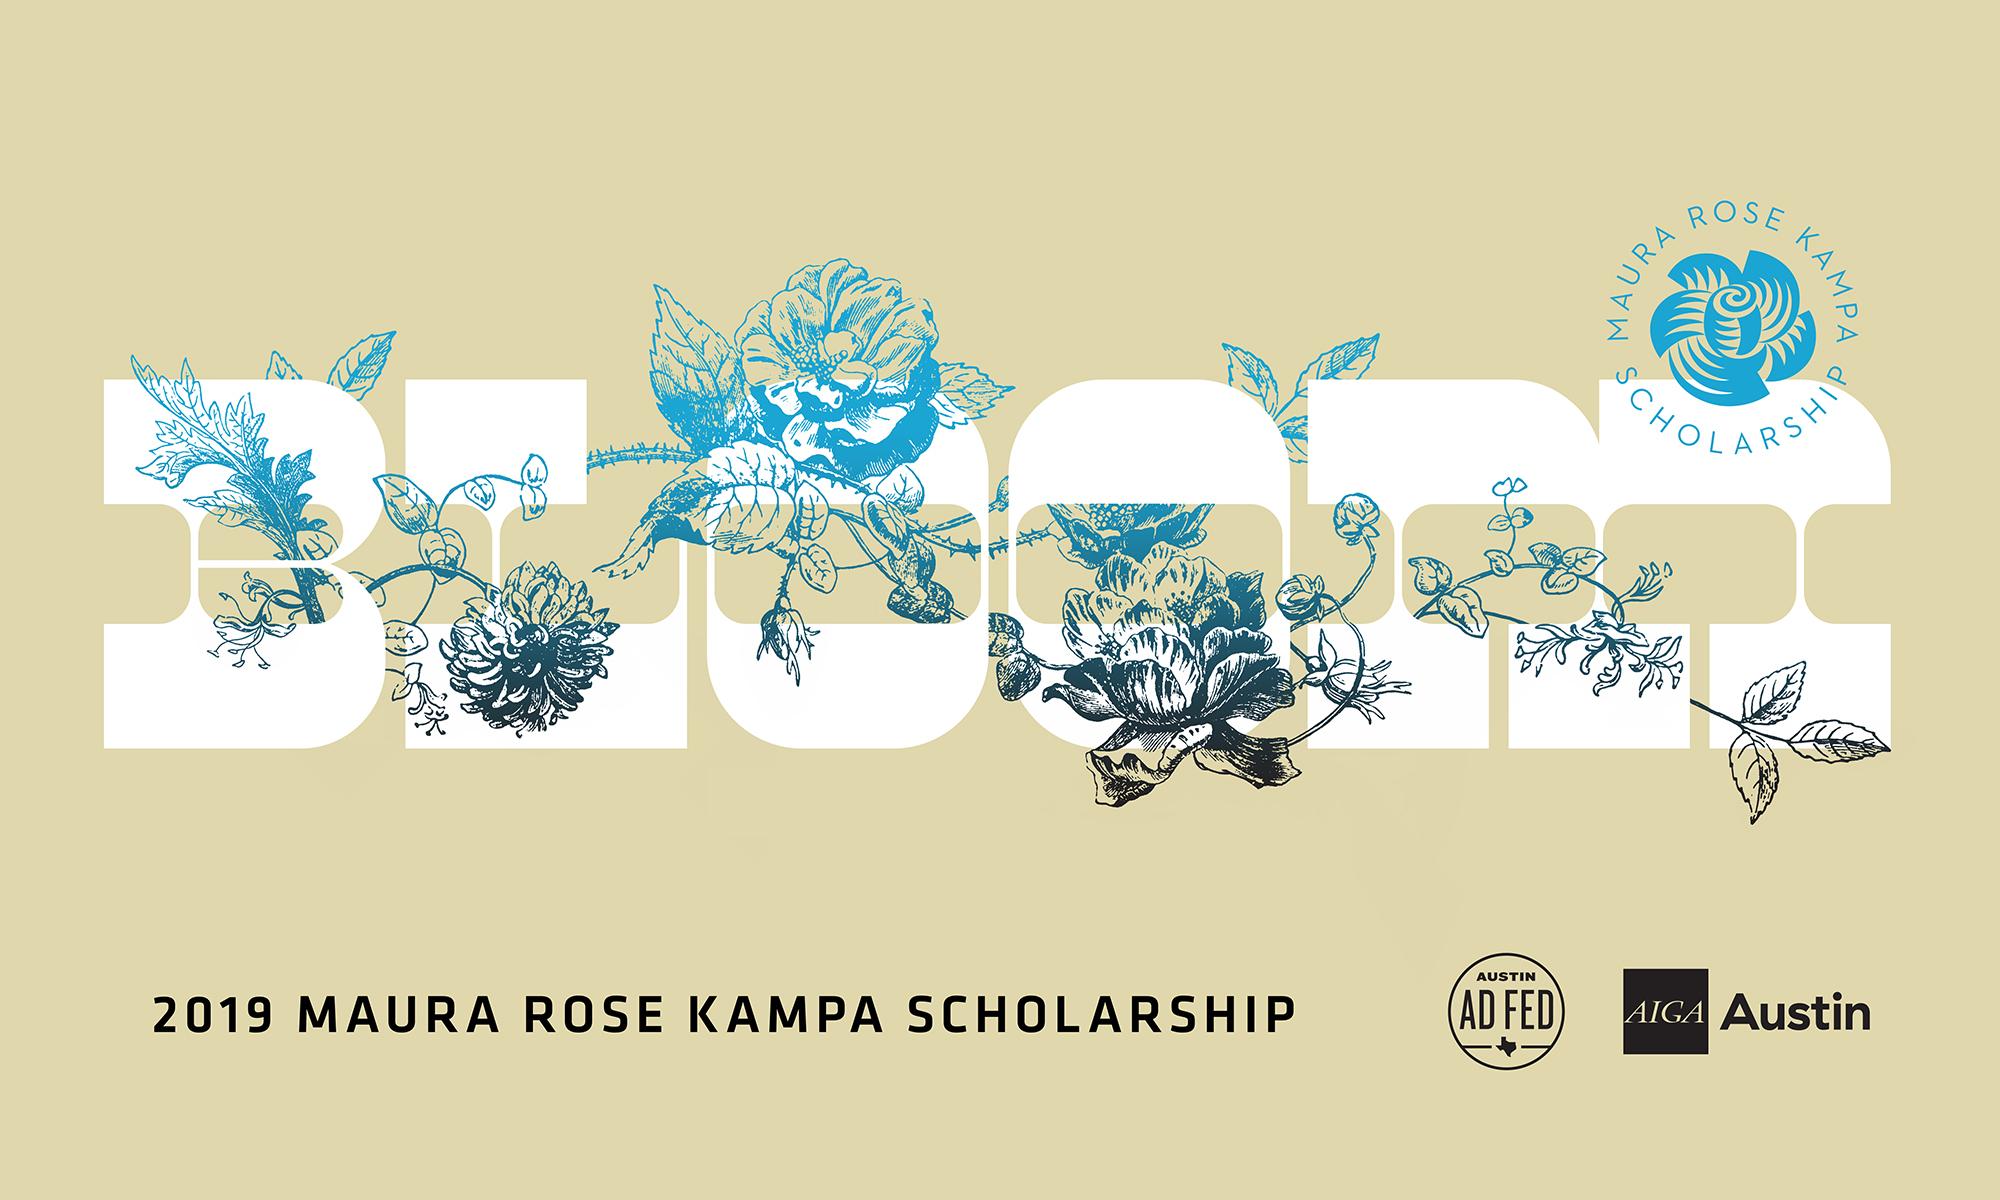 Maura Rose Kampa Scholarship 2019